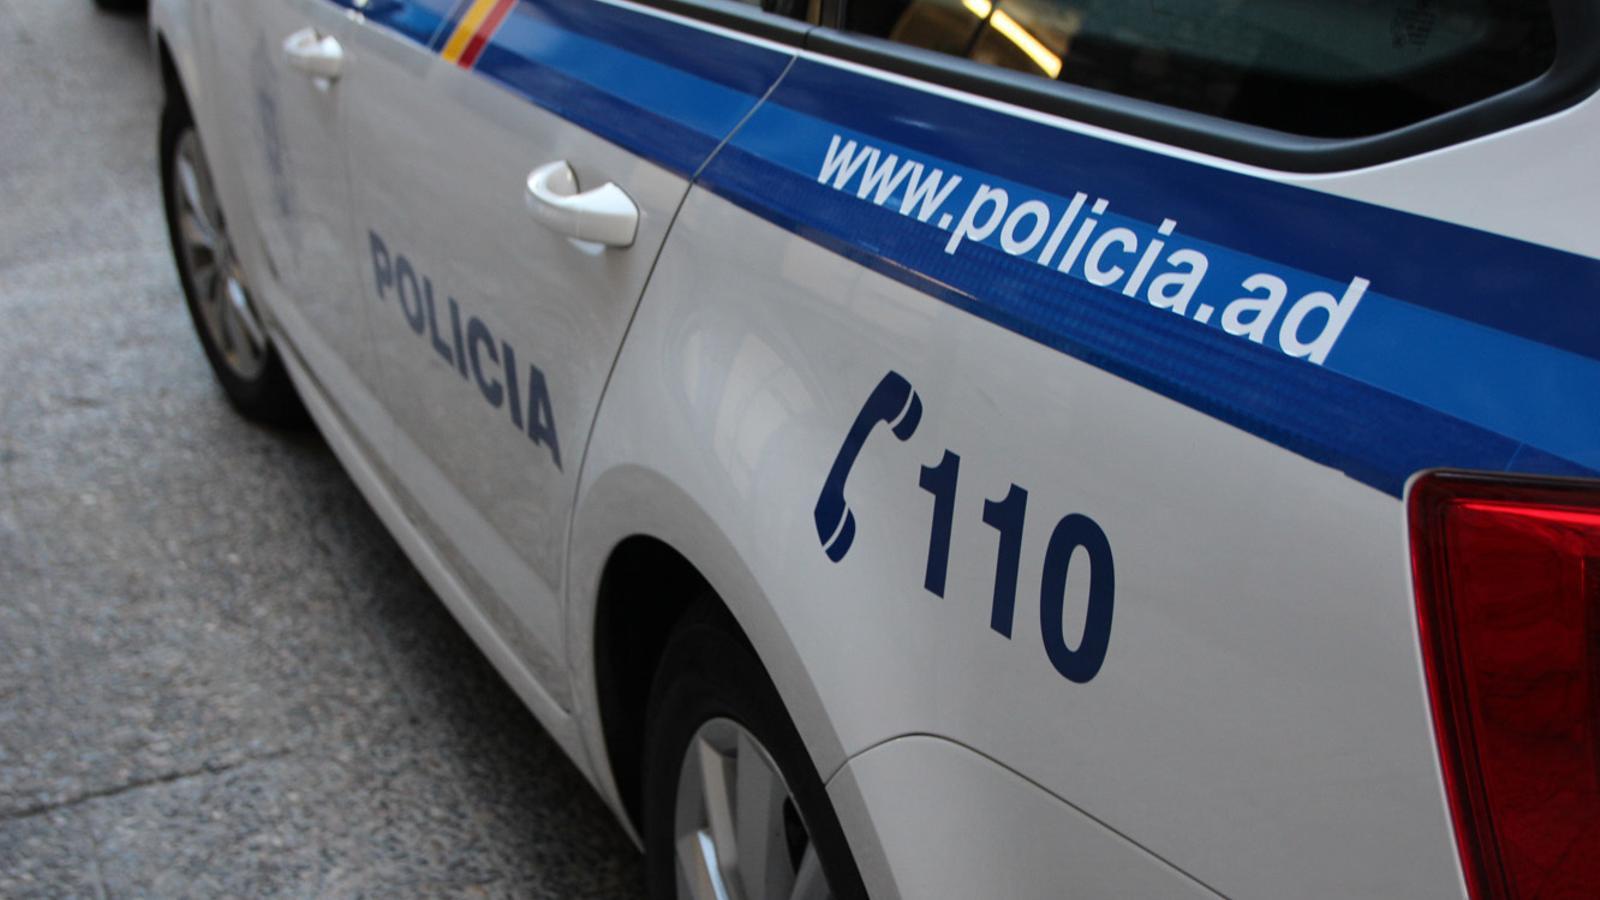 La Policia deté sis persones la setmana passada per diversos delictes